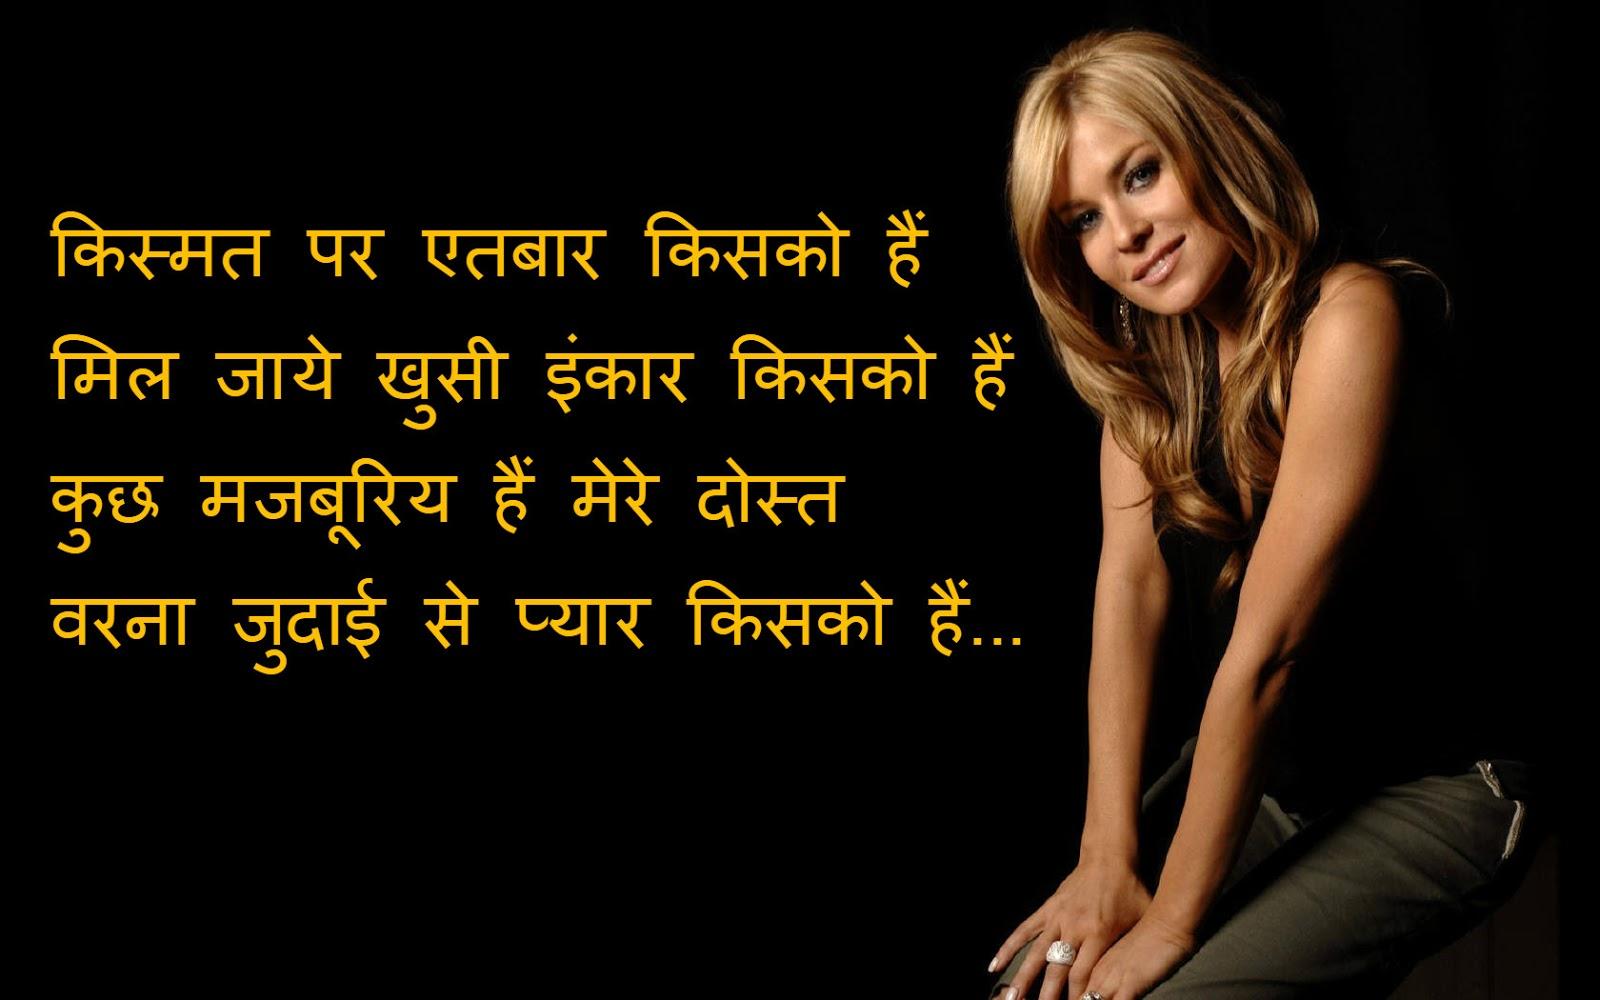 gujarati Funny shayari Love Shayari best dard shayari love bewafai shayari